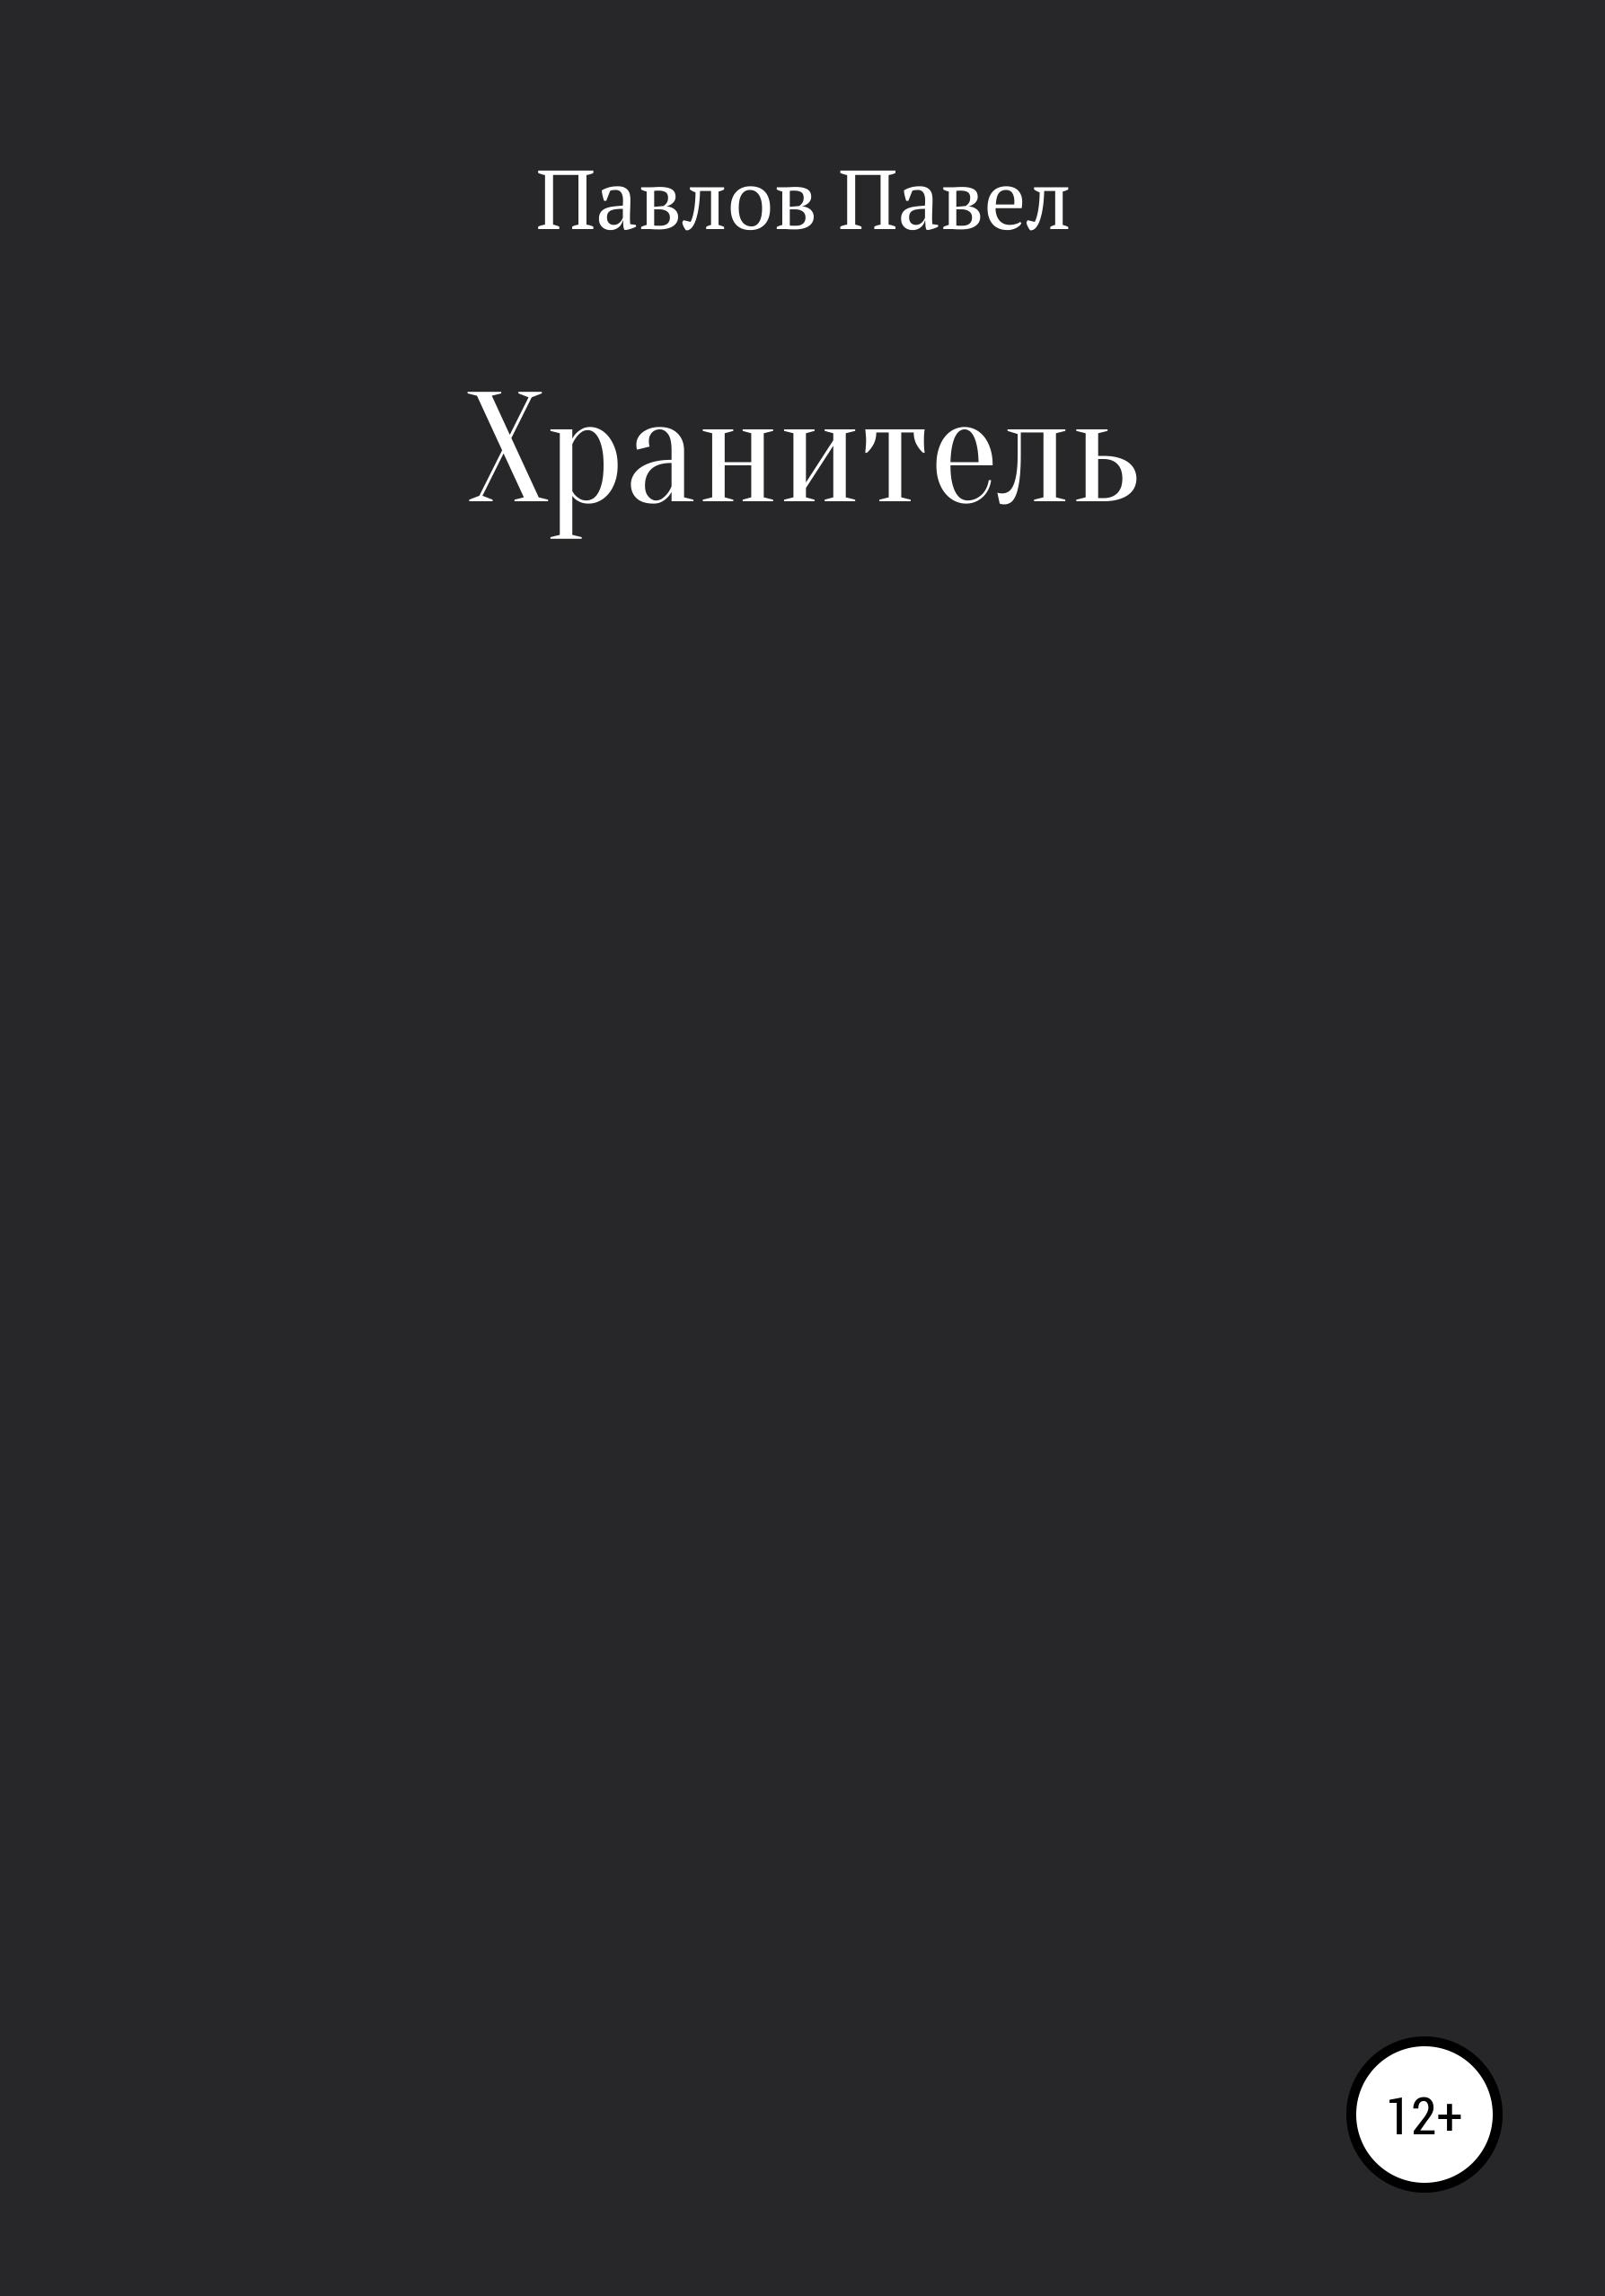 Купить книгу Хранитель, автора Павла Павлова